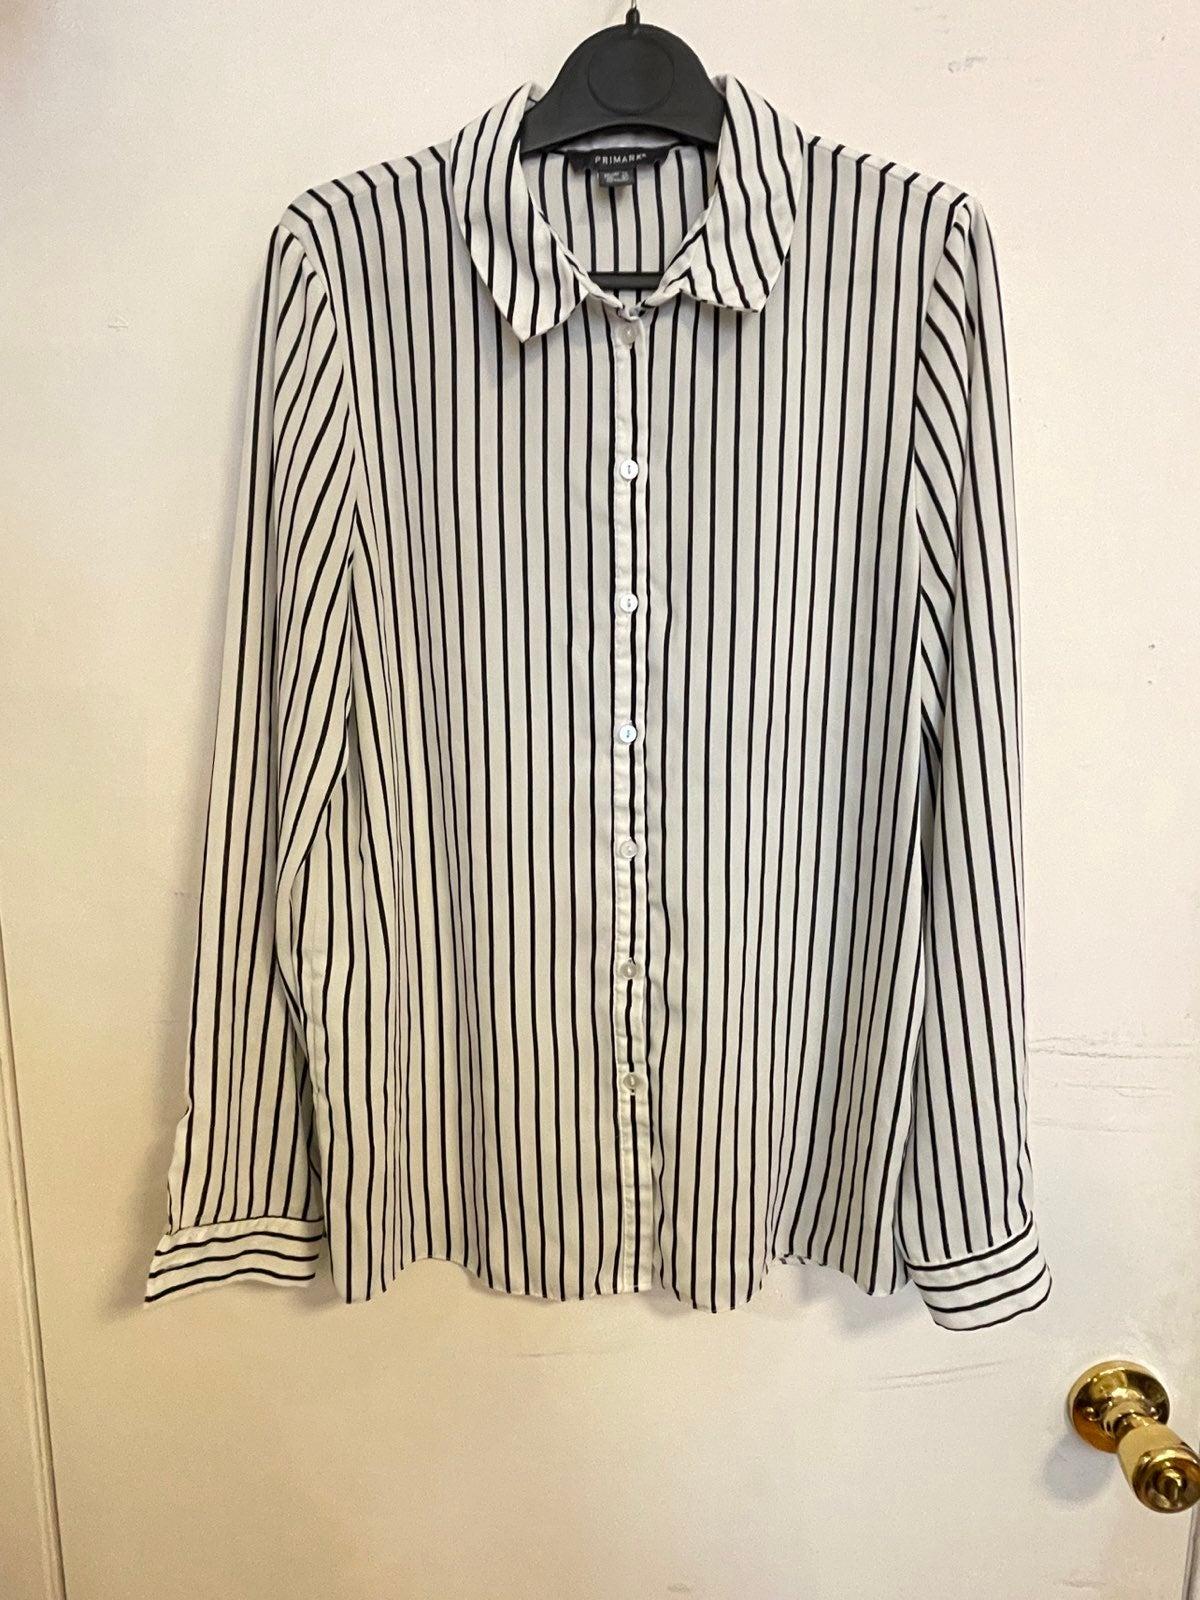 Black and white stripe button down